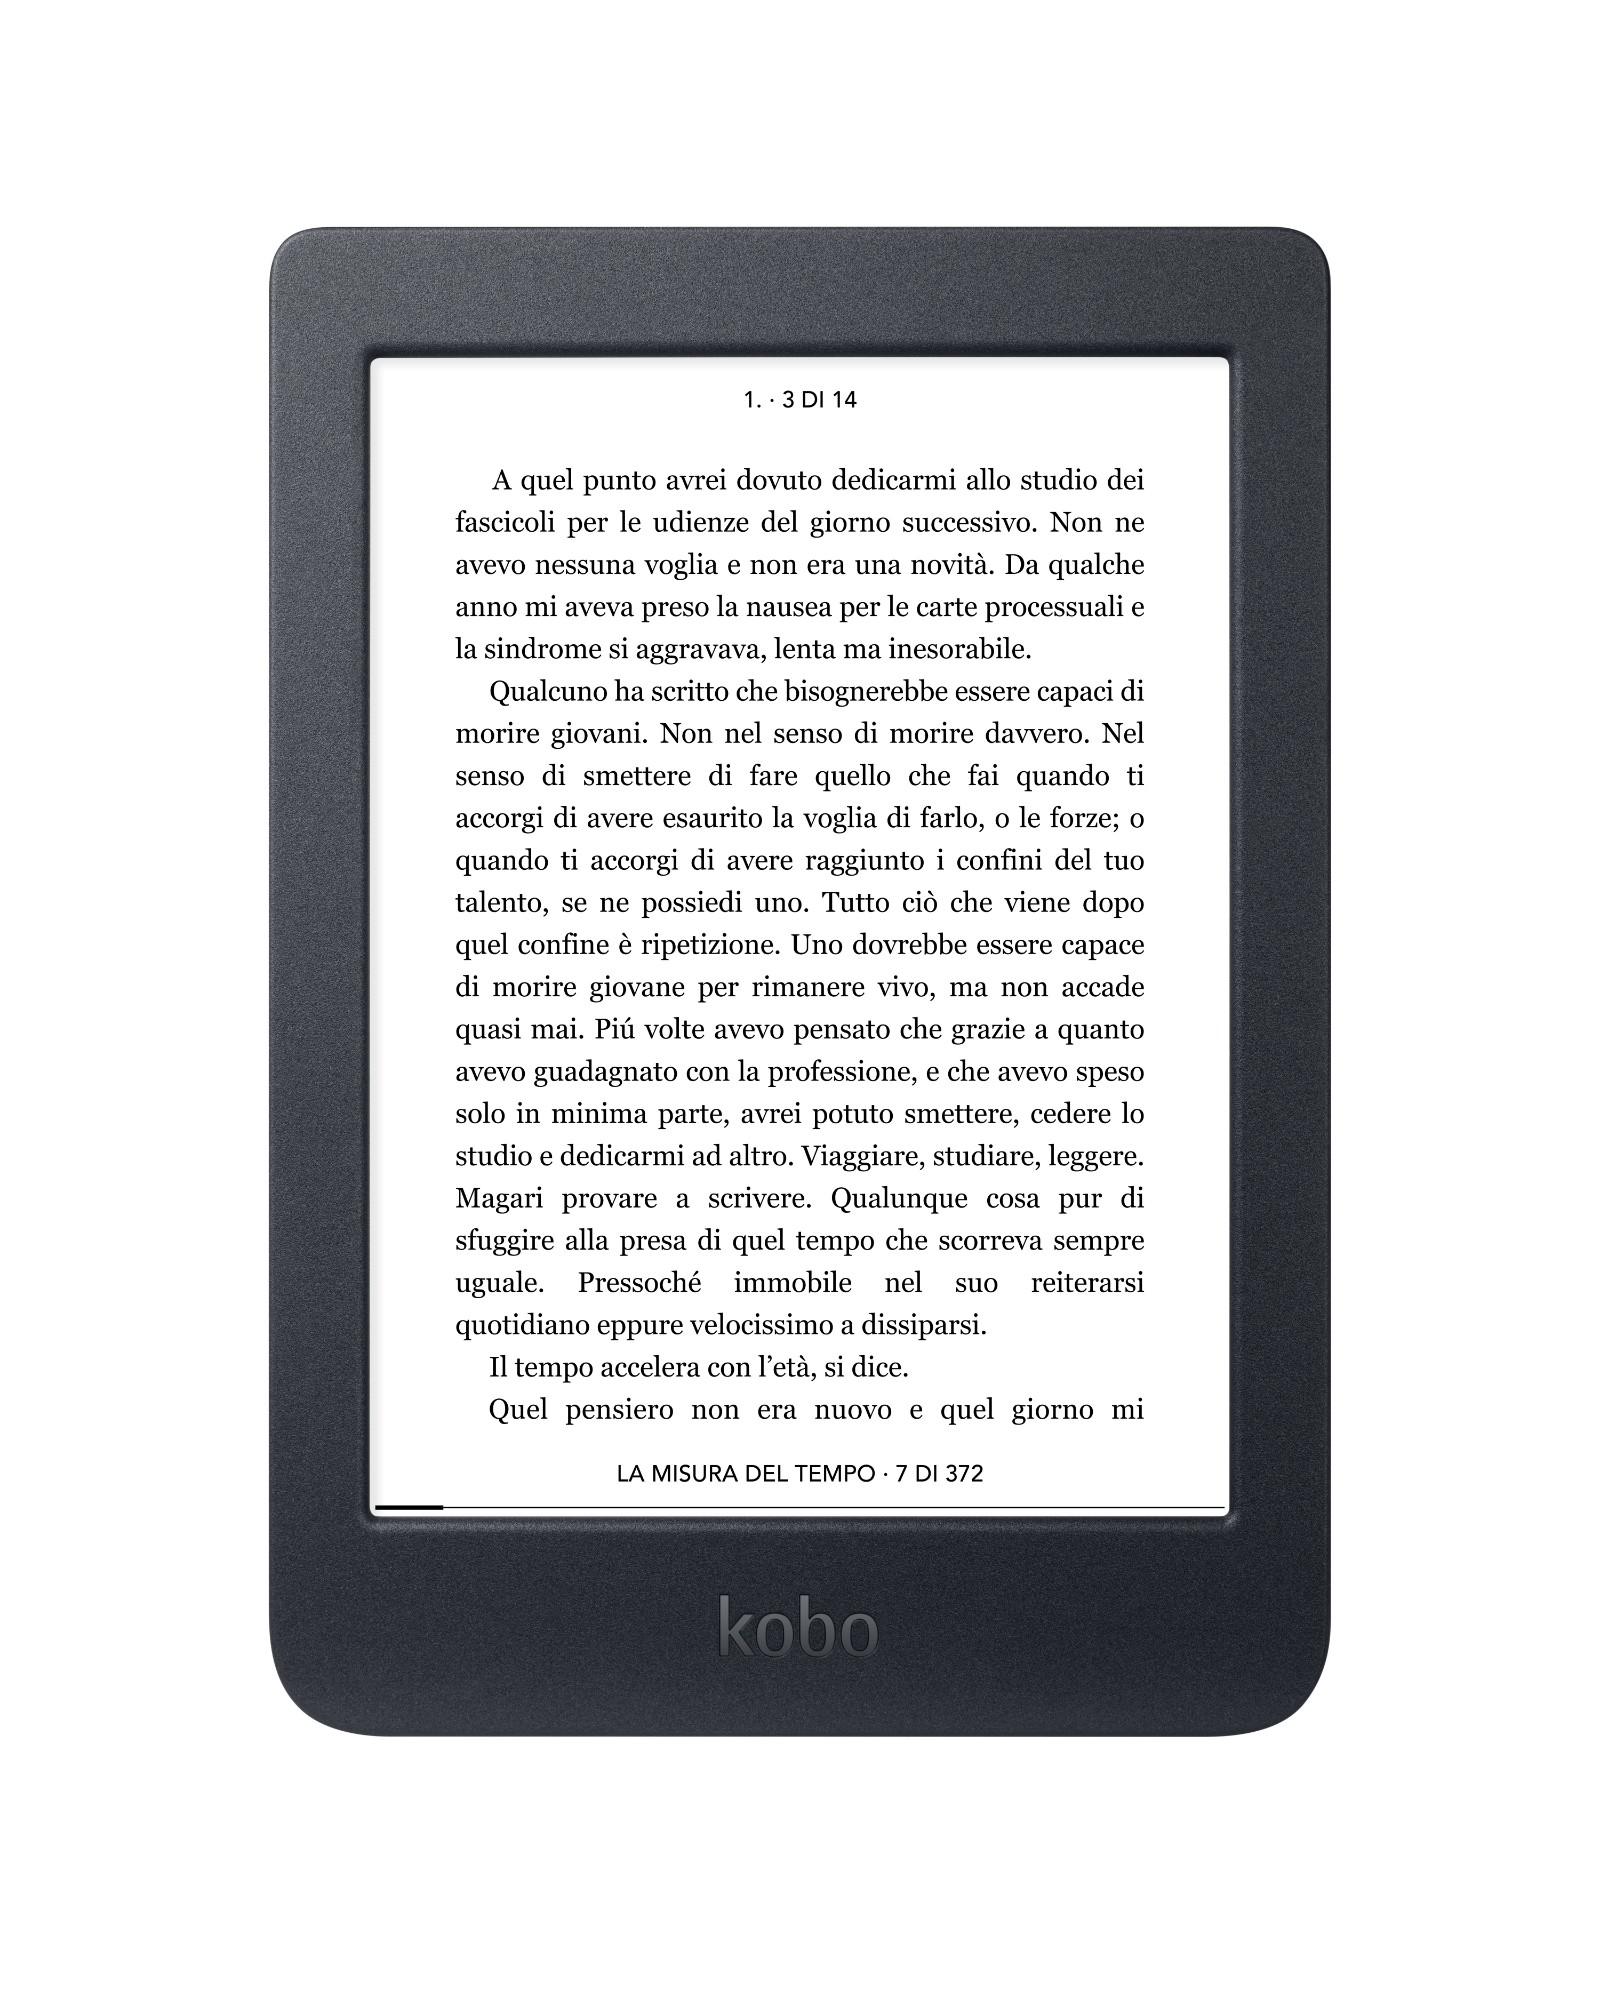 Rakuten Kobo Nia lectore de e-book Pantalla táctil 8 GB Wifi Negro